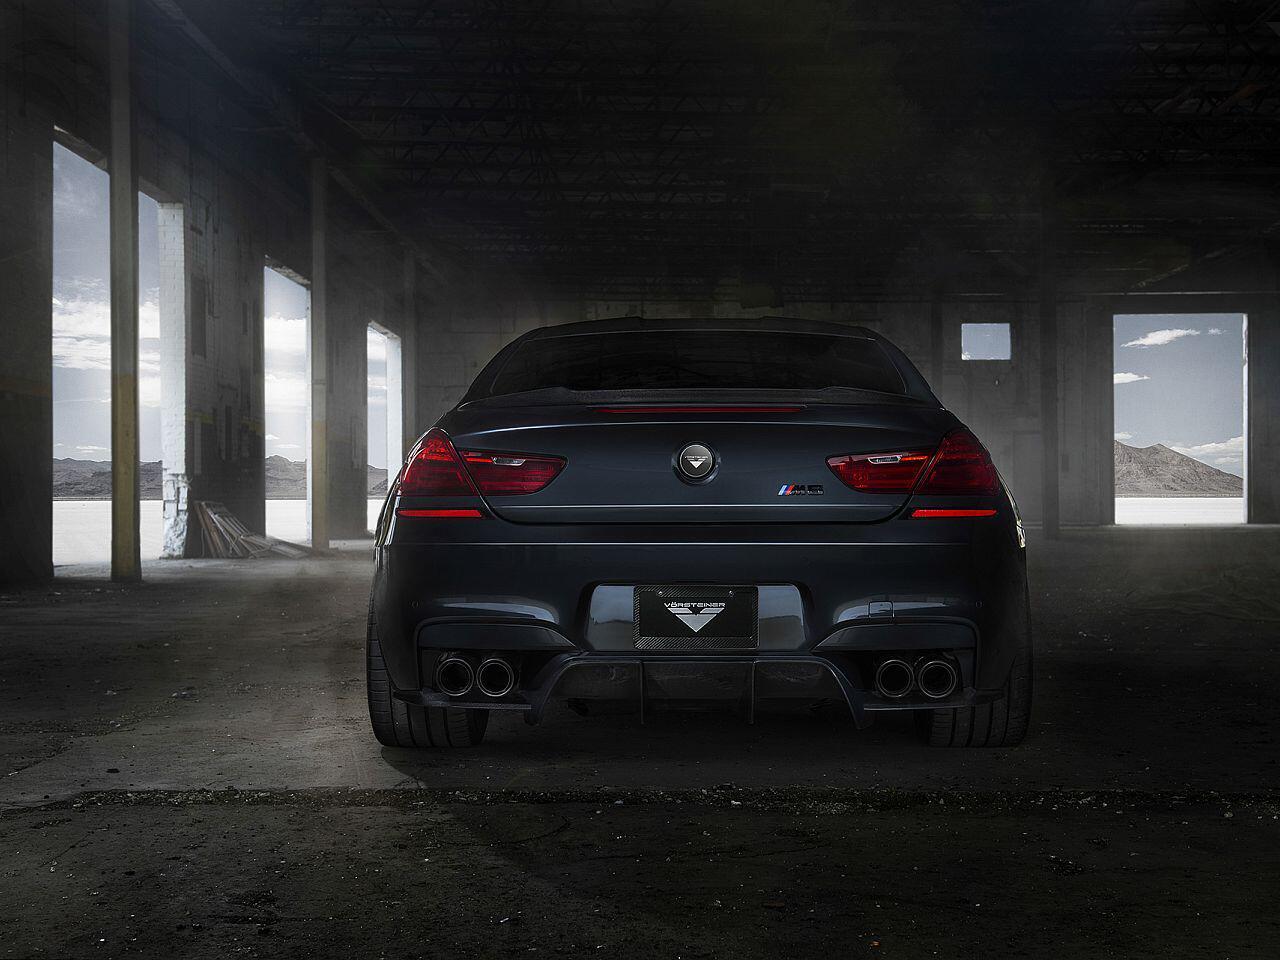 Bild zu Auch die Heckansicht des getunten BMW kann vollends überzeugen